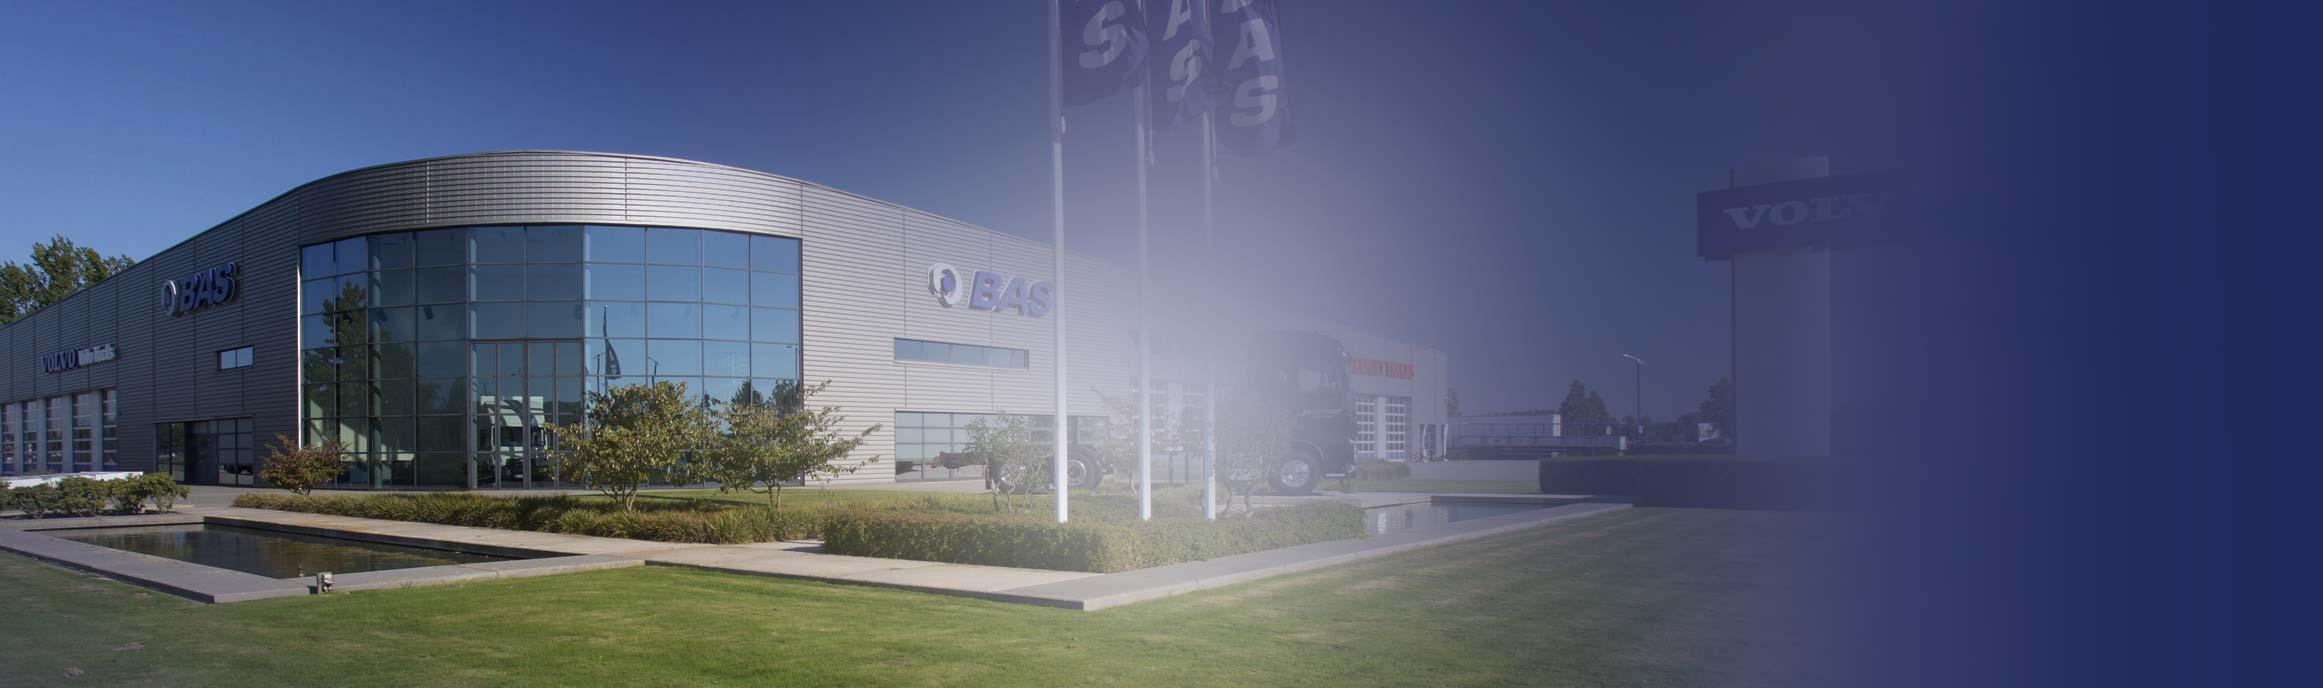 BAS Truck Center vestiging Veghel